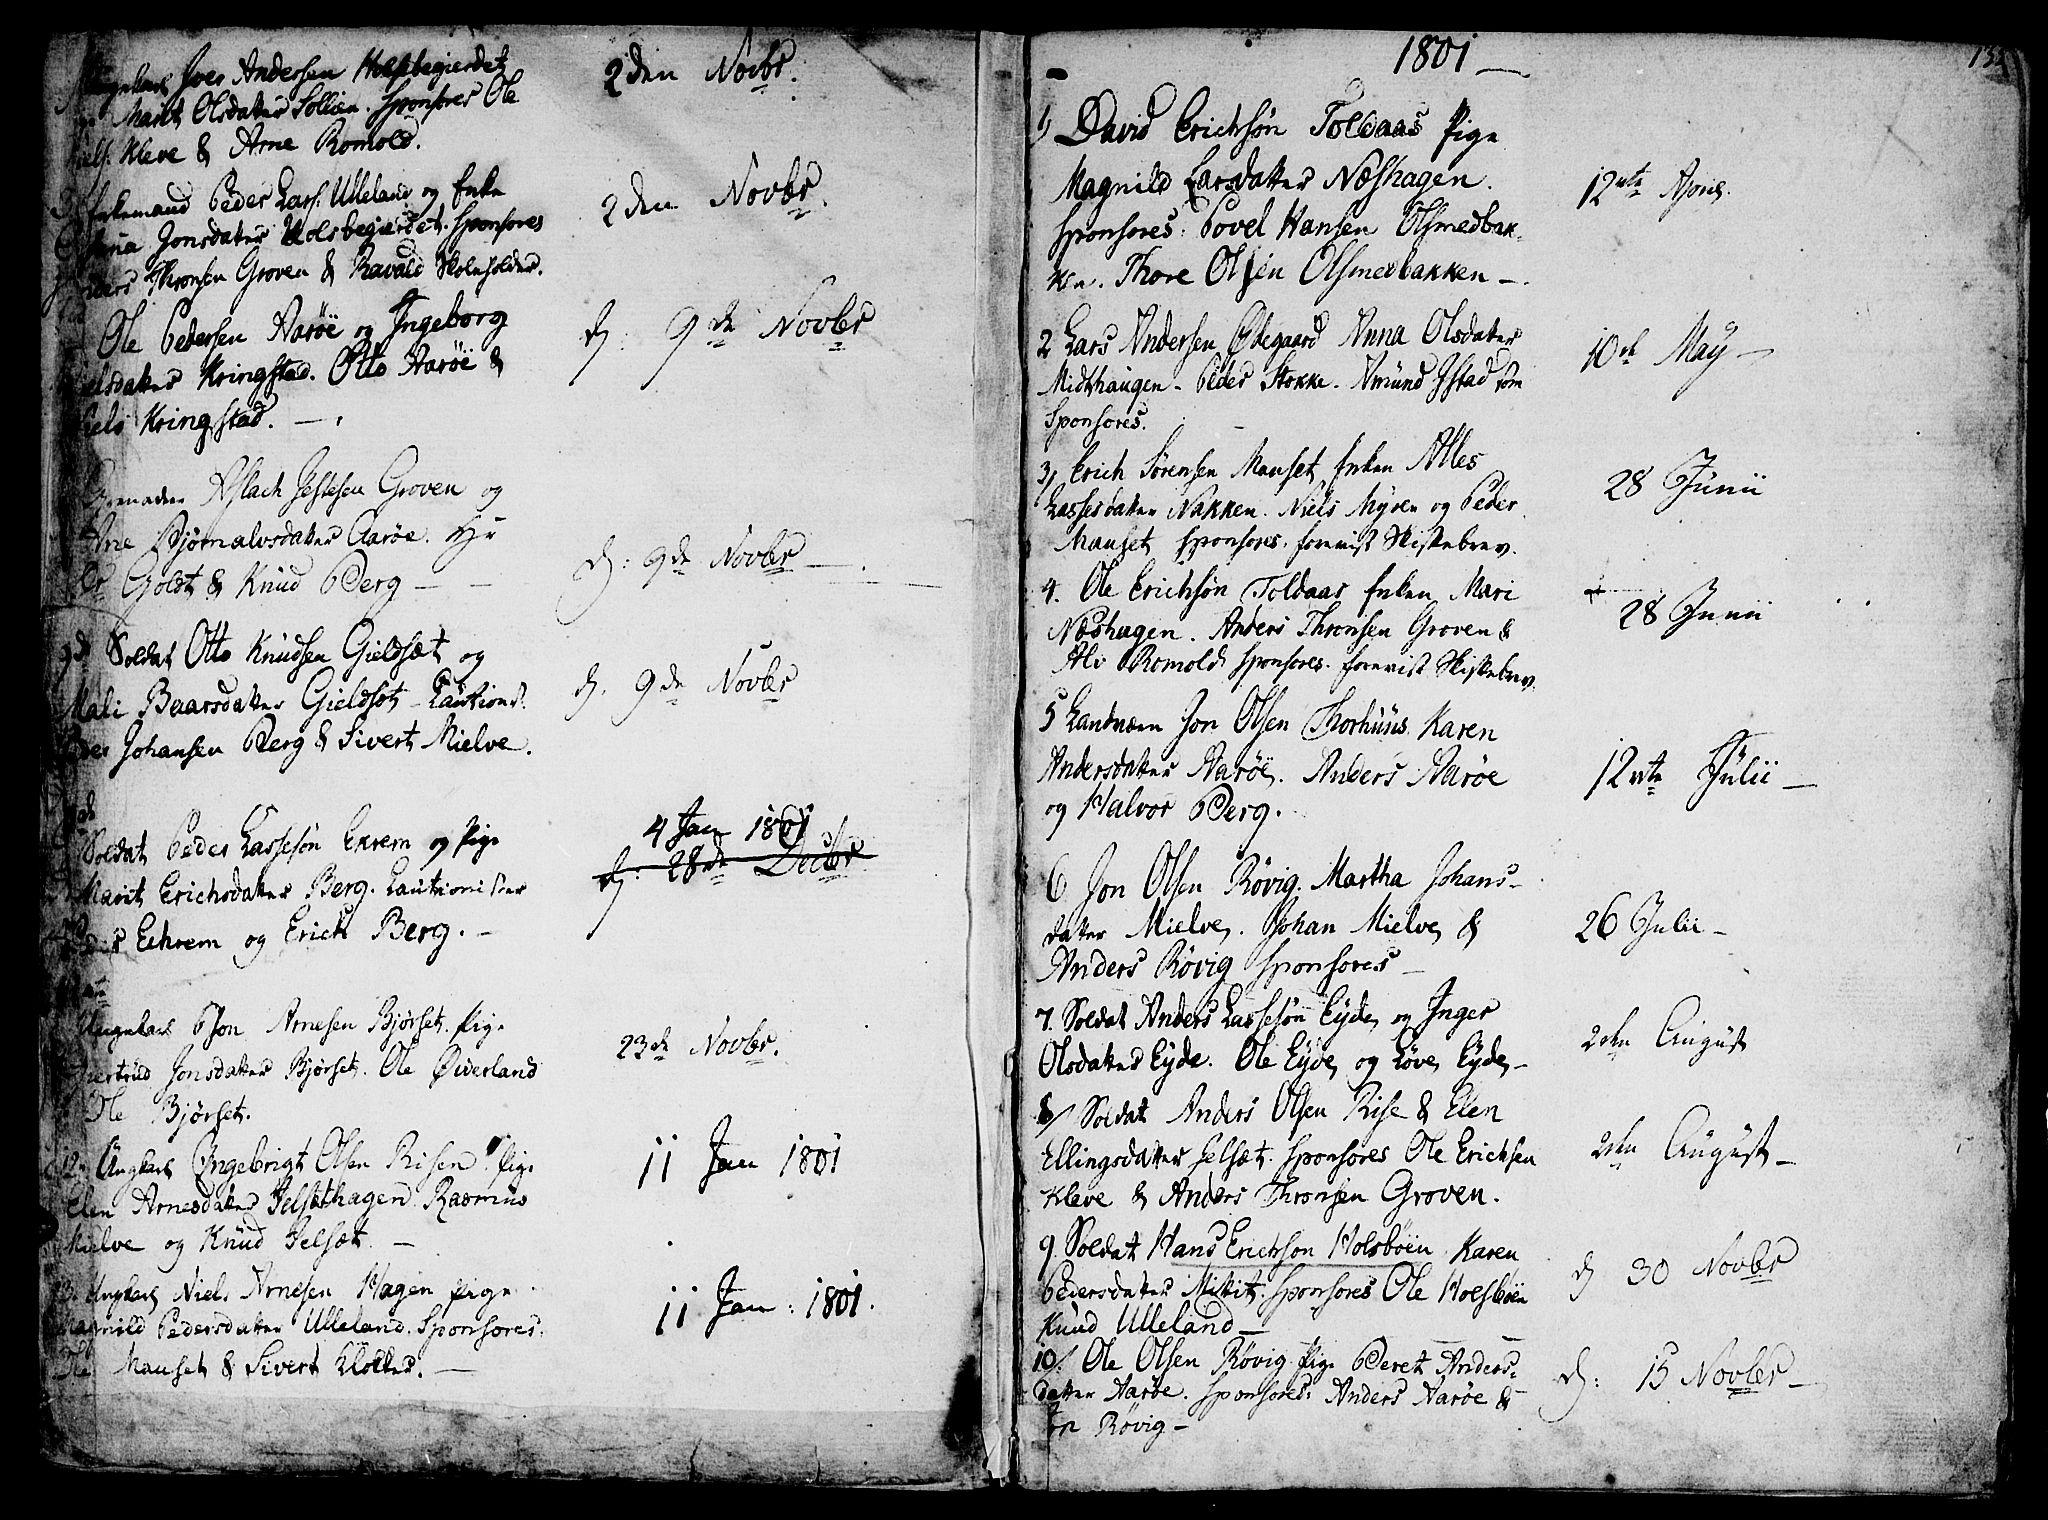 SAT, Ministerialprotokoller, klokkerbøker og fødselsregistre - Møre og Romsdal, 555/L0650: Ministerialbok nr. 555A02 /2, 1798-1821, s. 135